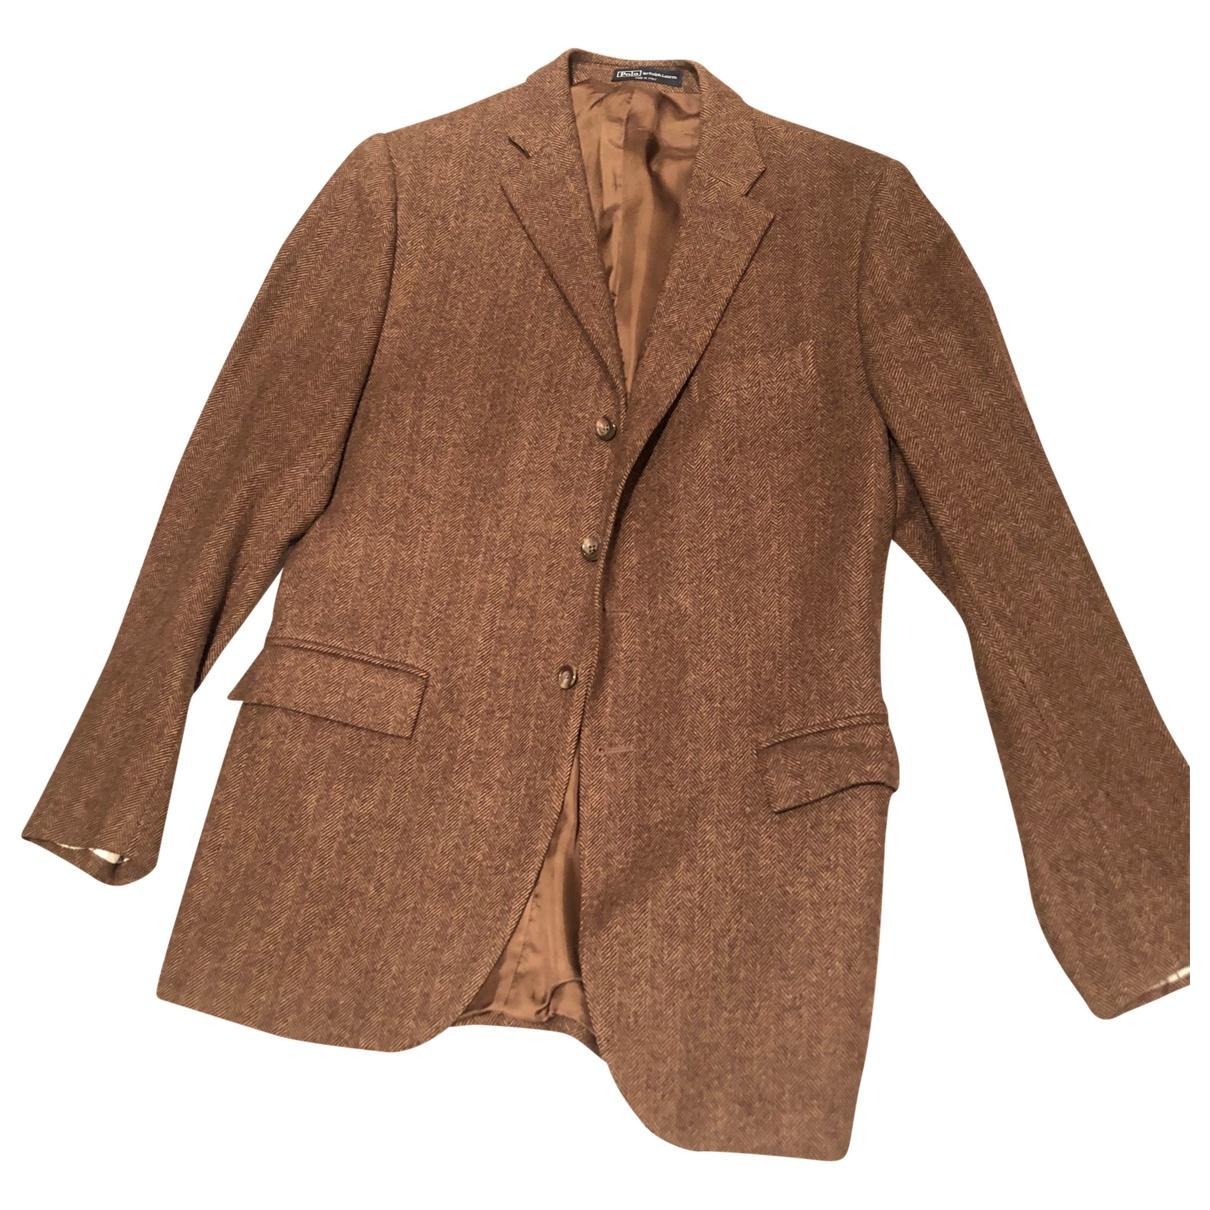 Polo Ralph Lauren - Vestes.Blousons   pour homme en cachemire - marron